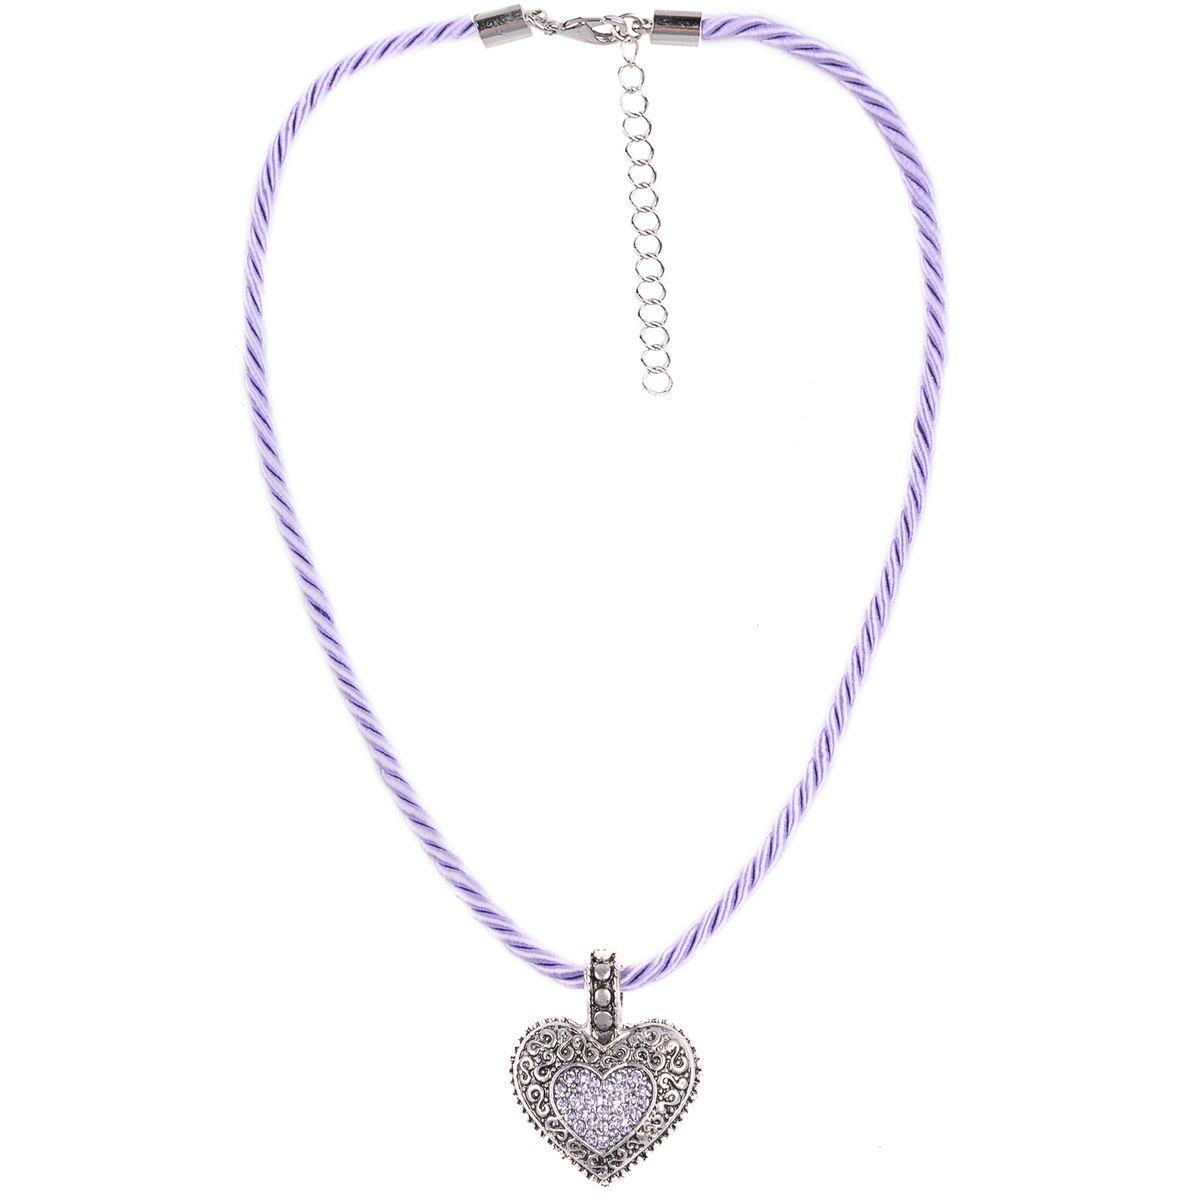 Kordelkette in Lila mit Herzanhänger von Schlick Accessoires günstig online kaufen